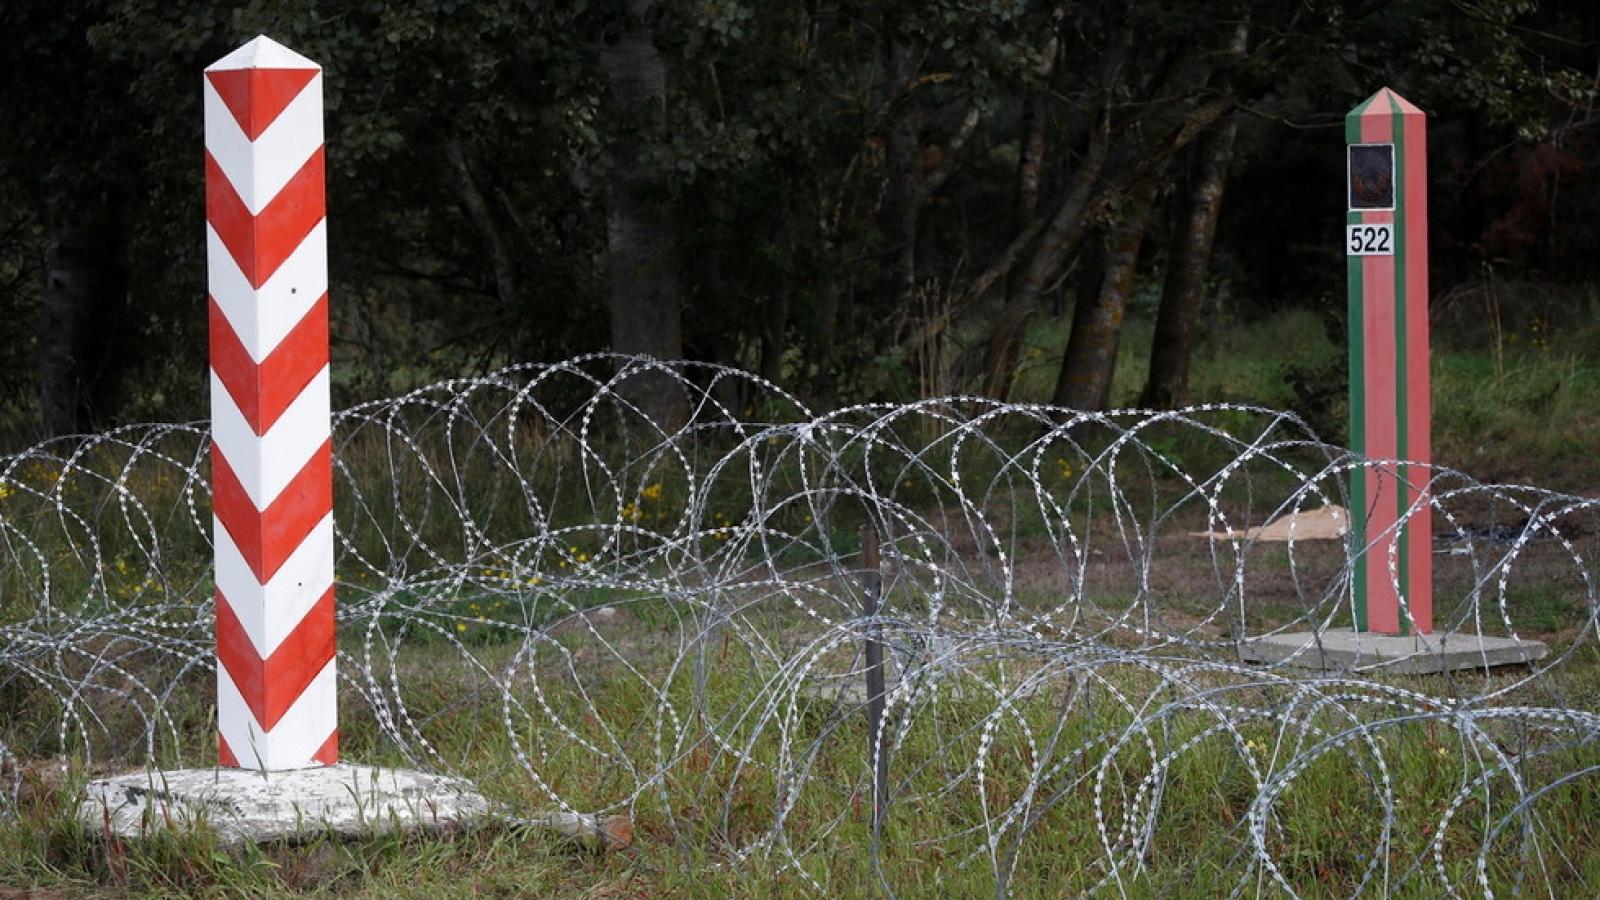 Liên Hợp Quốc kêu gọi Ba Lan giúp đỡ người di cư mắc kẹt ở biên giới Belarus